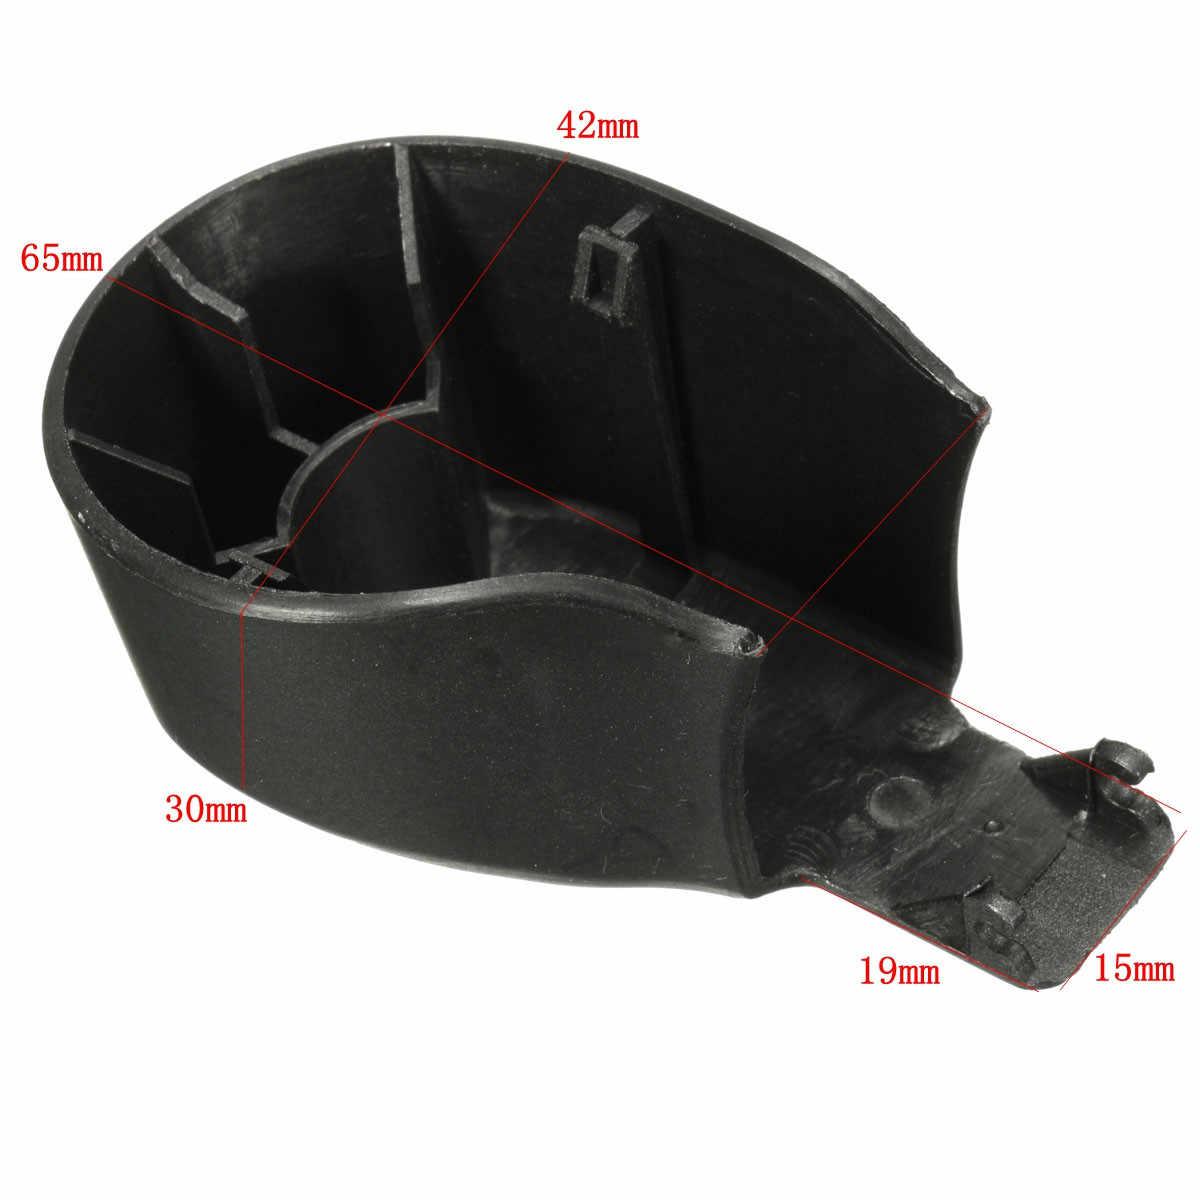 Capuchon de couvercle d'écrou de bras de lame d'essuie-glace arrière de voiture pour VW Golf 6 VI MK6 à partir de 2008